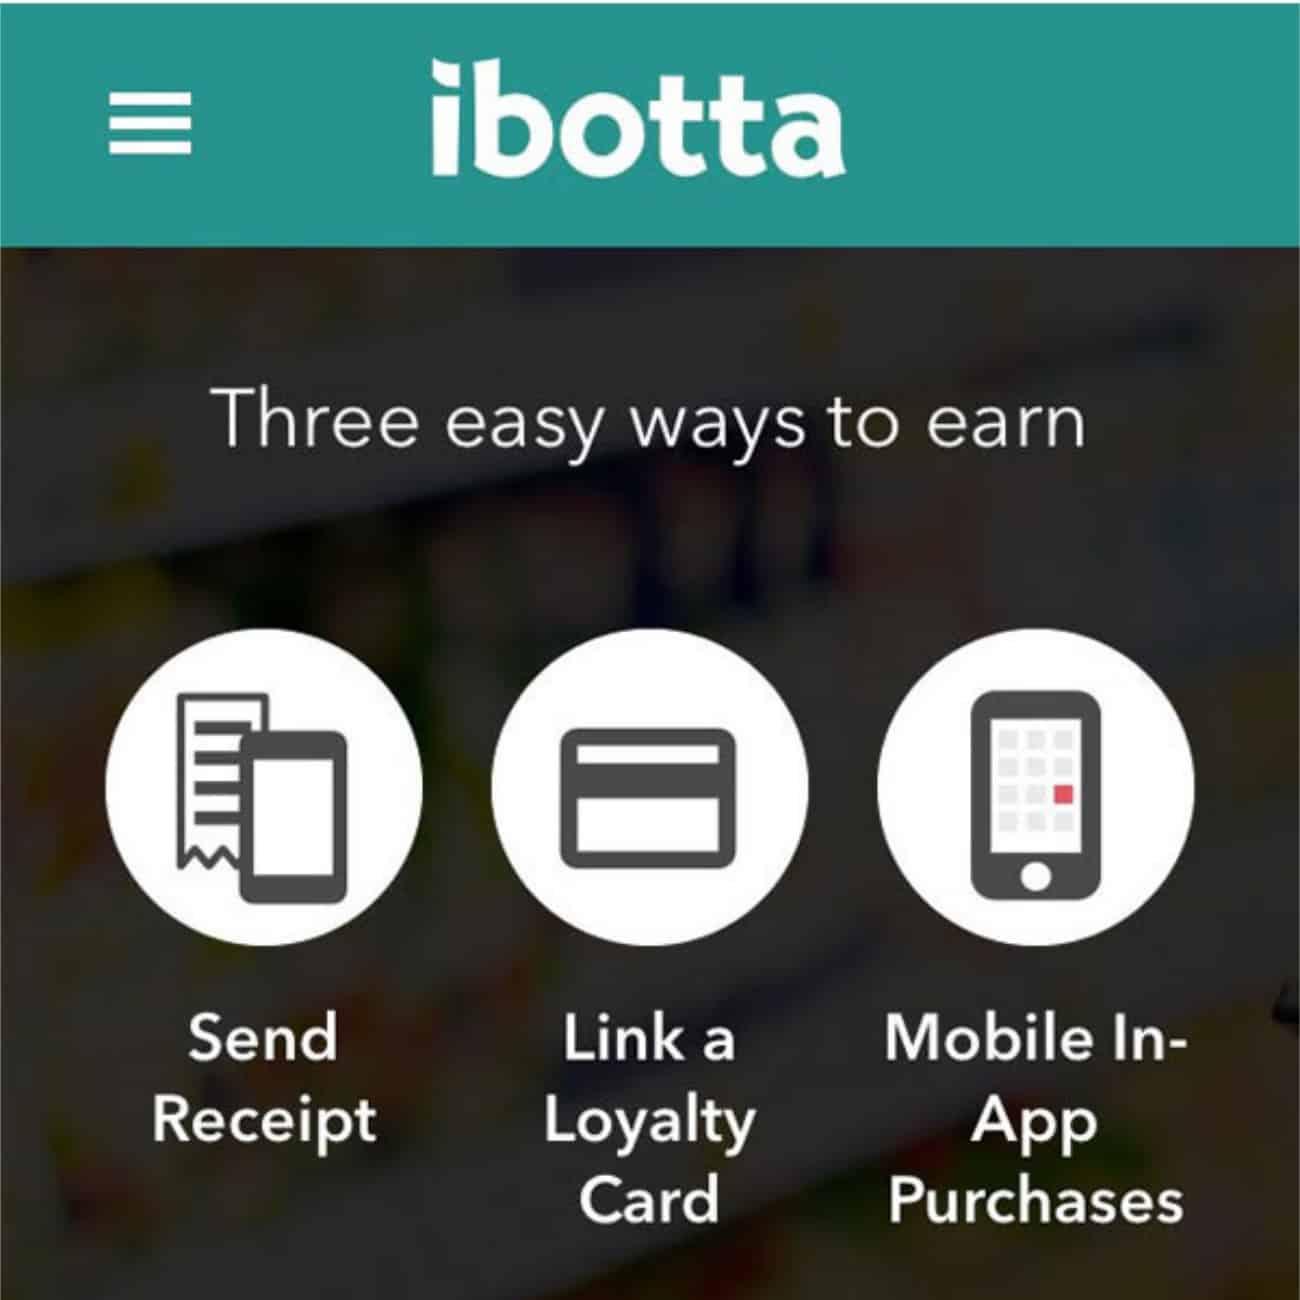 ibotta app ways to earn - receipt, loyalty card, in app purchase.